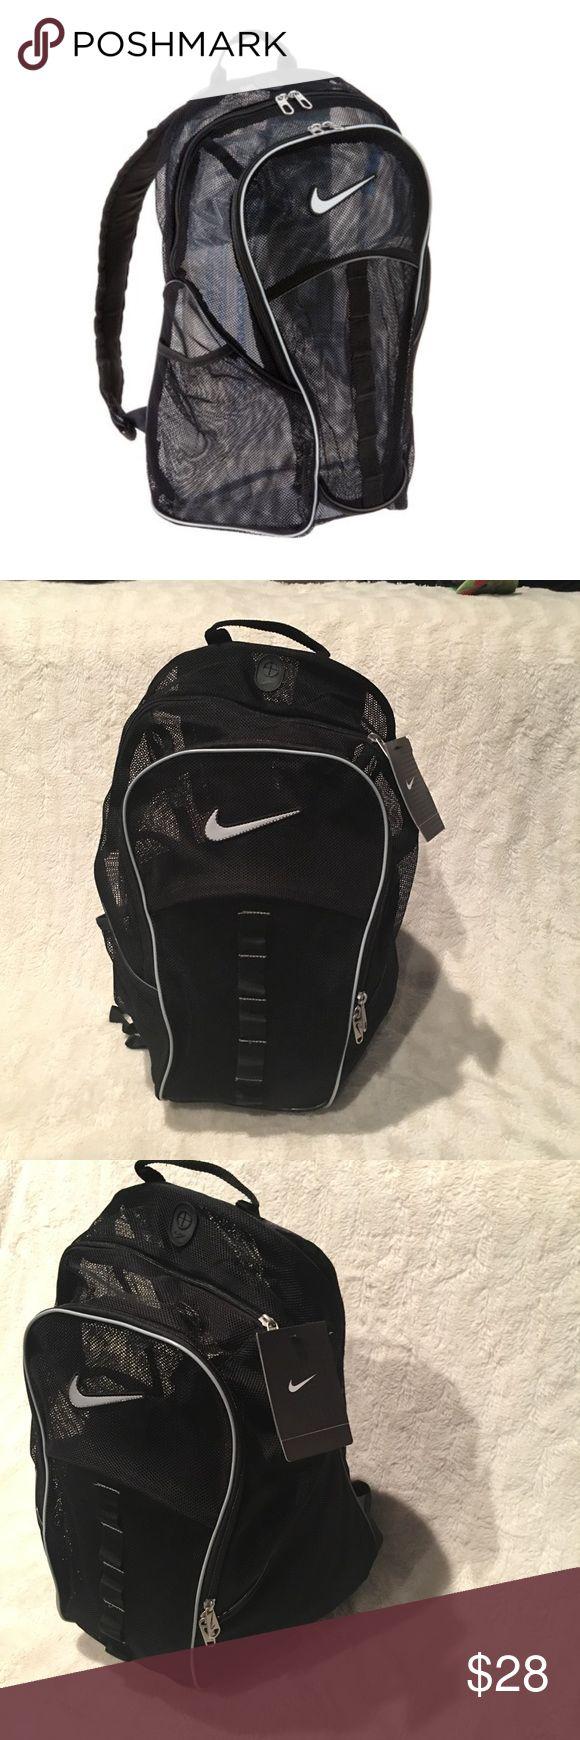 Nike Mesh Backpack NWT Nike Mess Backpack. Price is firm! Nike Bags Backpacks